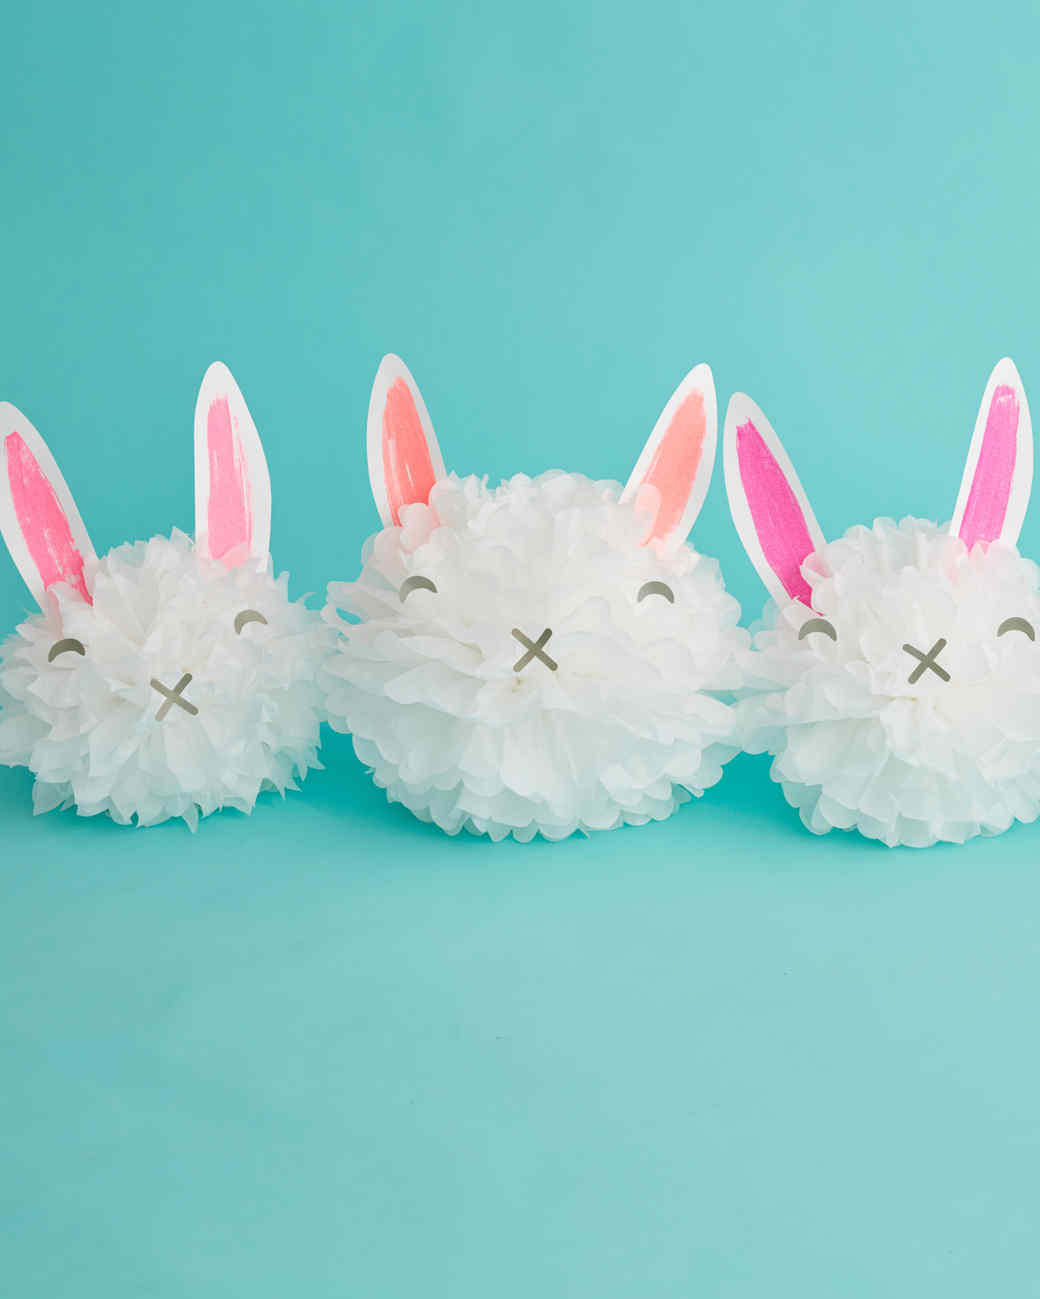 How to Make Easter Bunny Pom-Pom Decorations